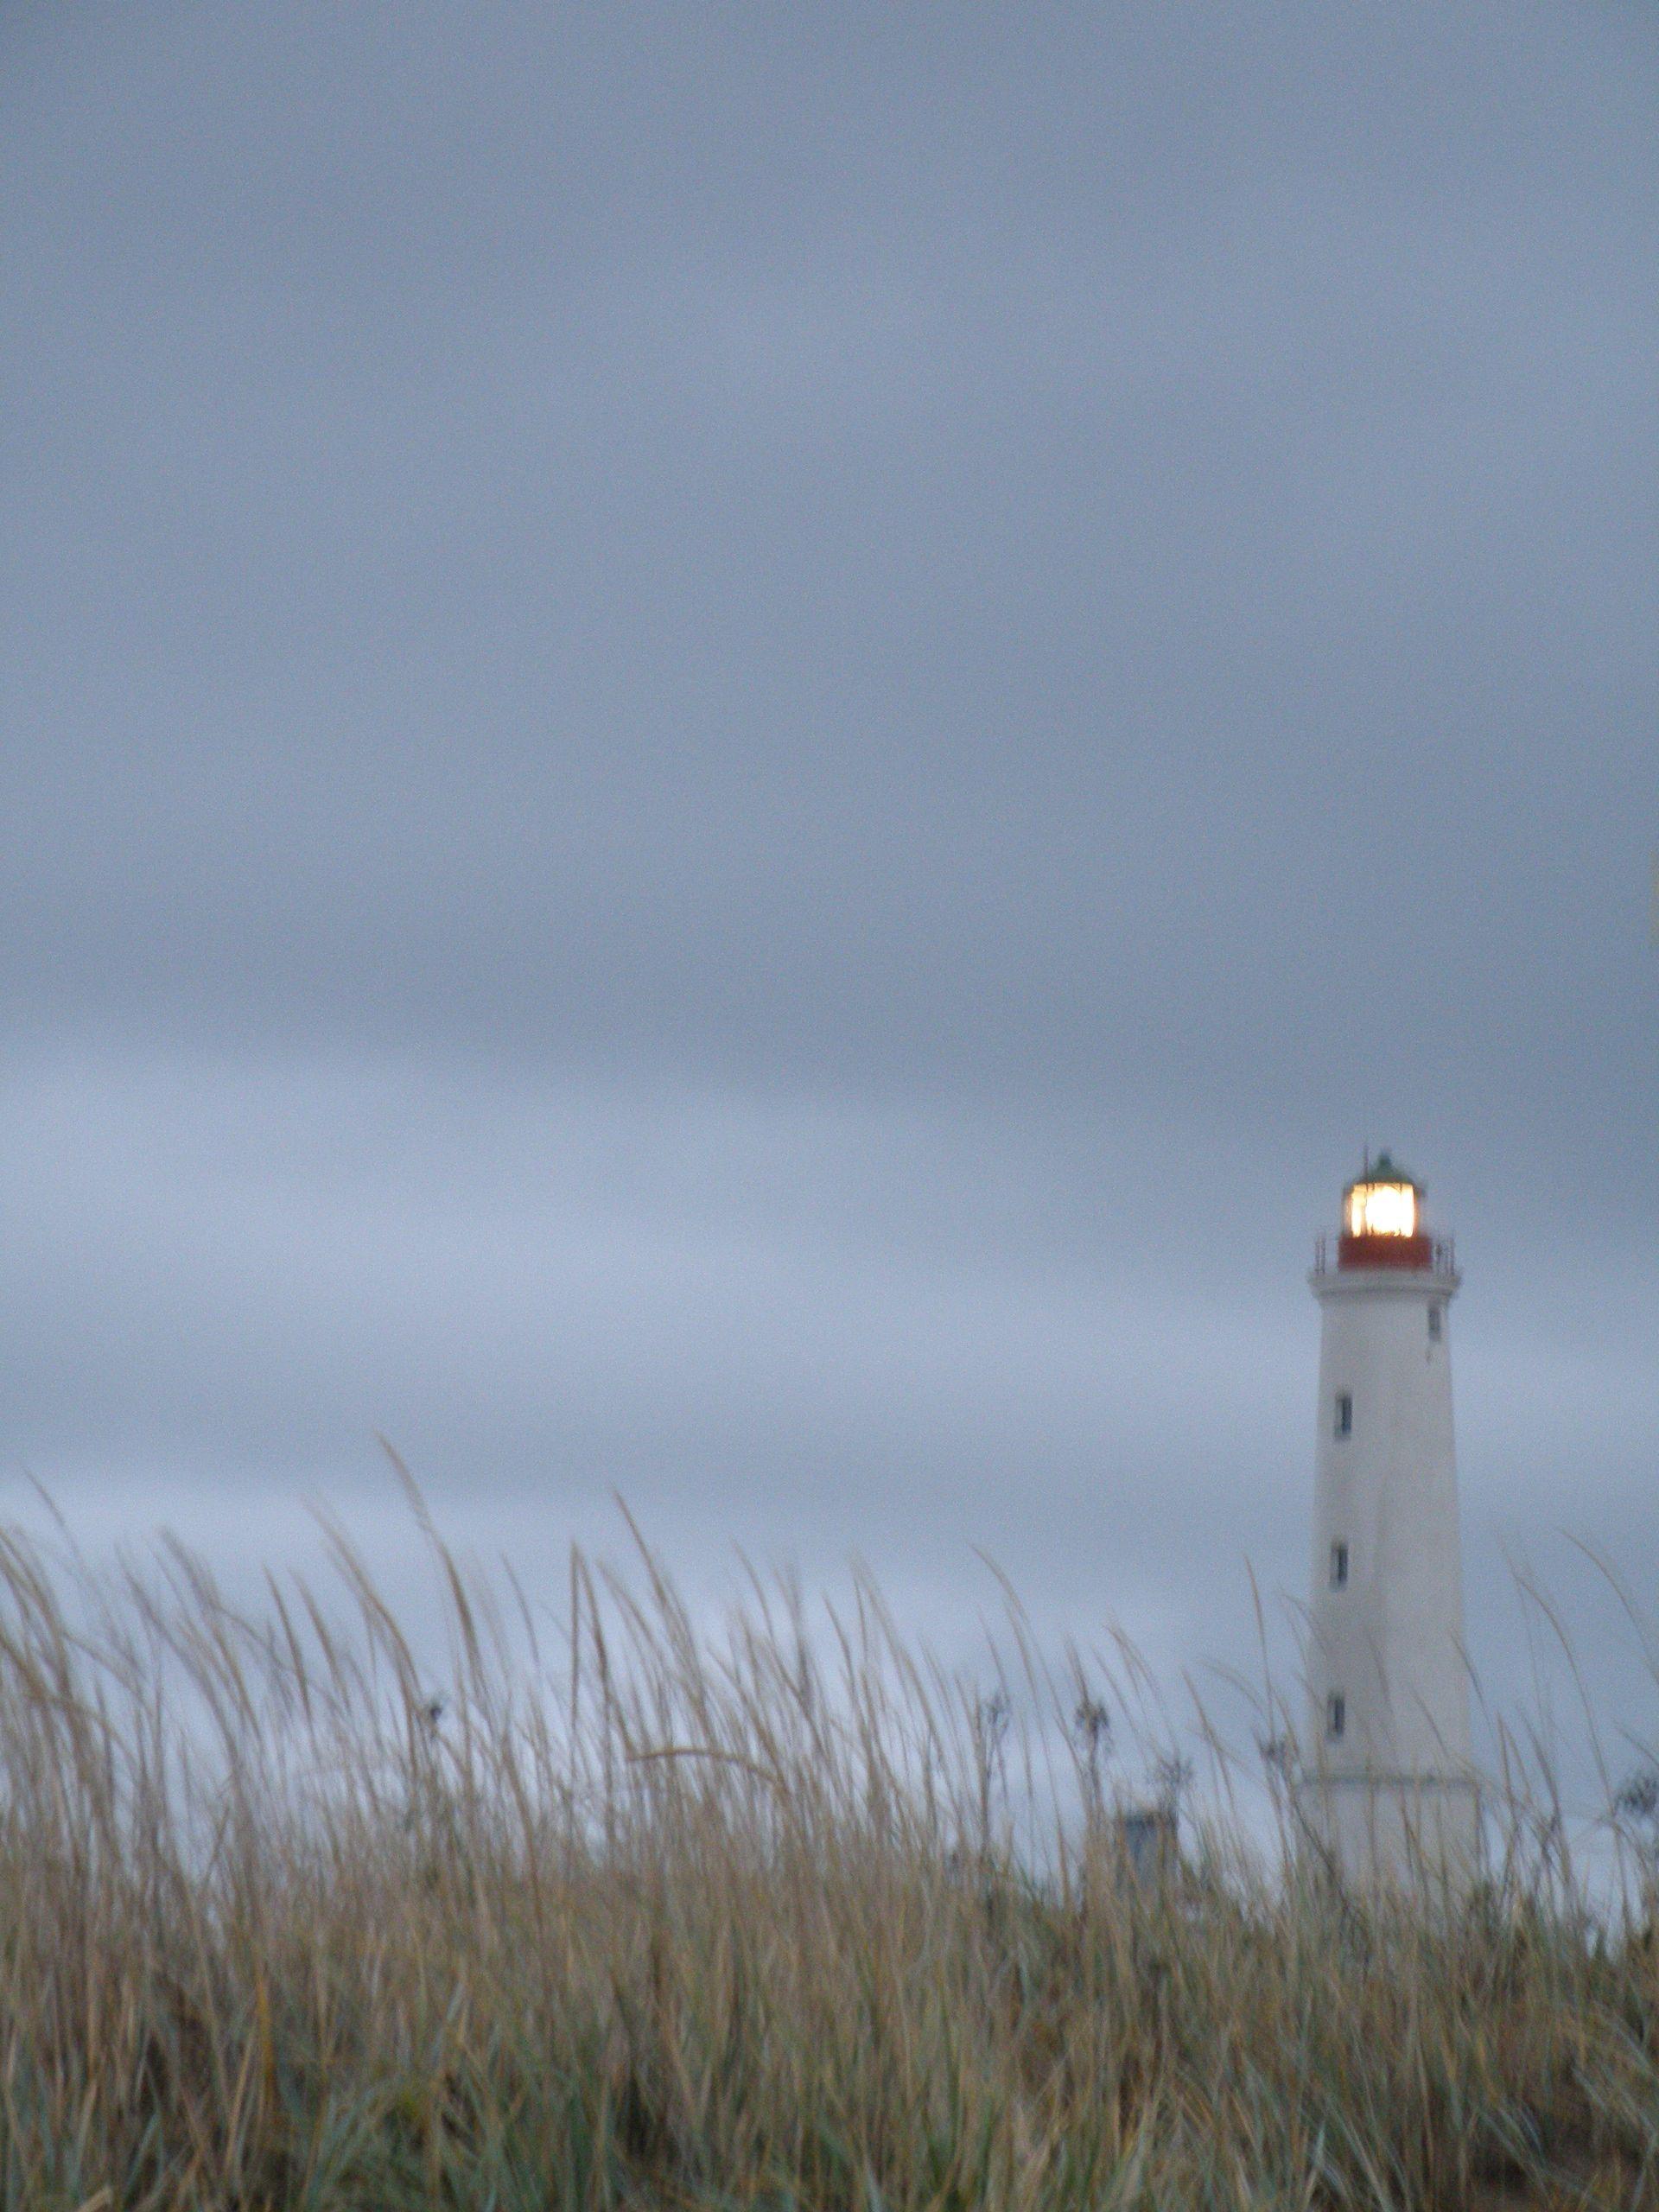 Käydä Hailuodossa. Lighthouse in Hailuoto. Photo has been taken in early morning